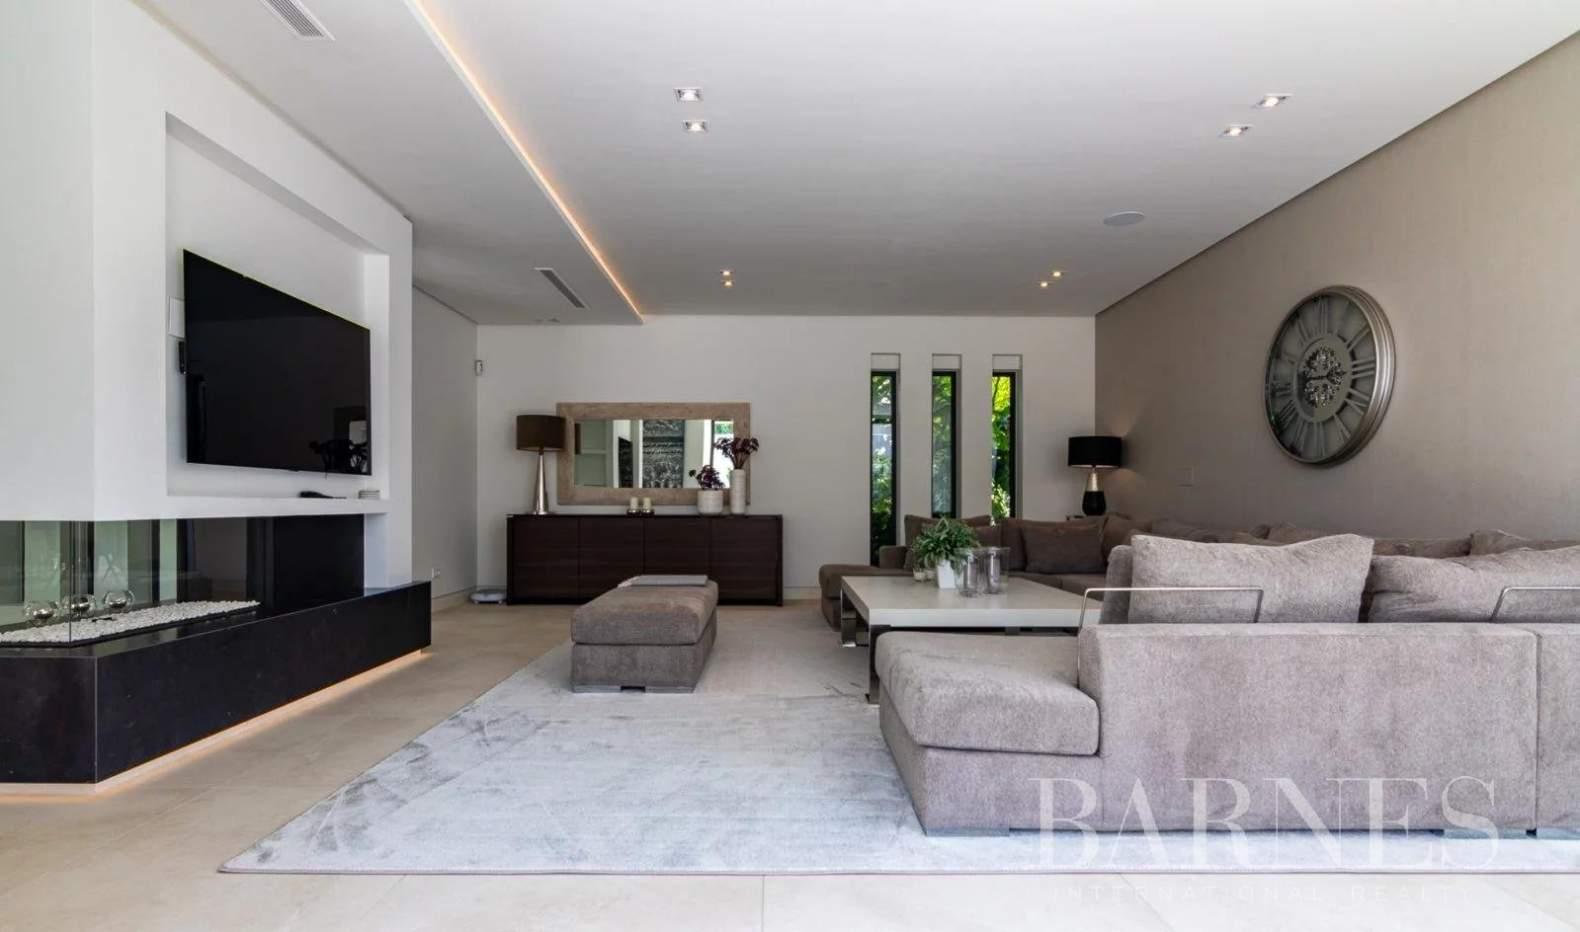 Marbella  - Villa  5 Chambres - picture 2